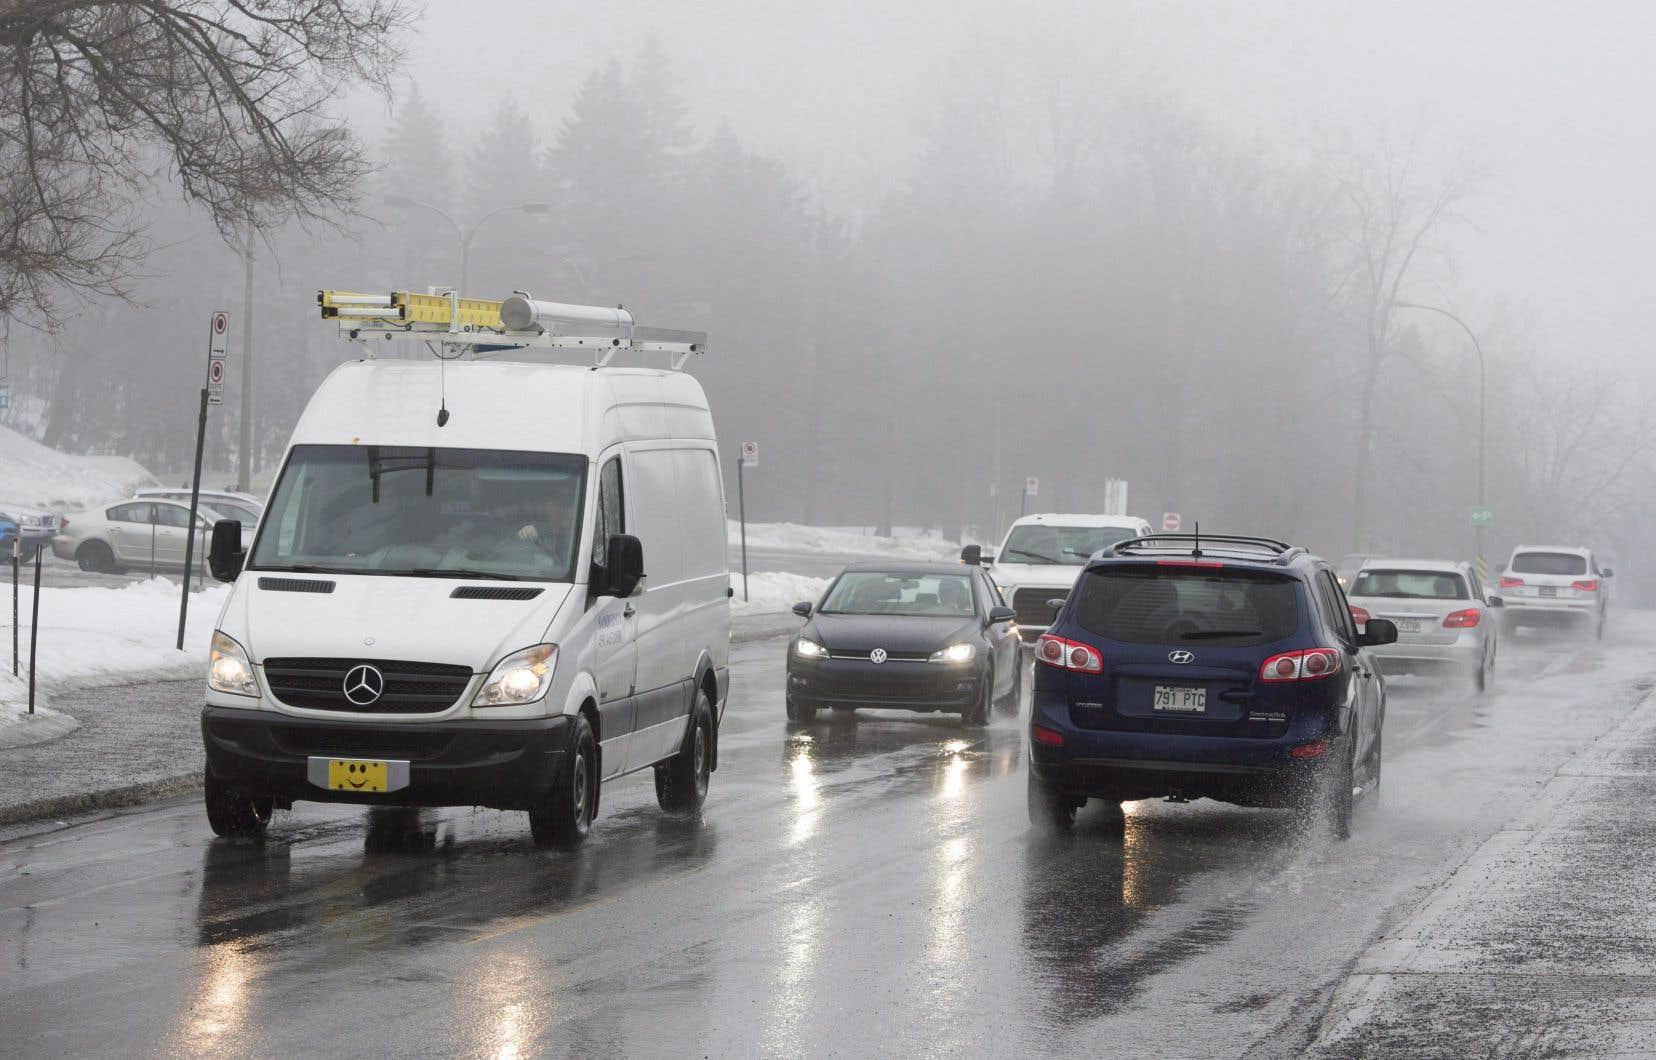 Le citoyen obligé de se déplacer aux heures de pointe peut endurer sa condition d'automobiliste pris dans les files de véhicules ou sa condition d'usager d'un transport en commun trop lent, déplore l'auteur.